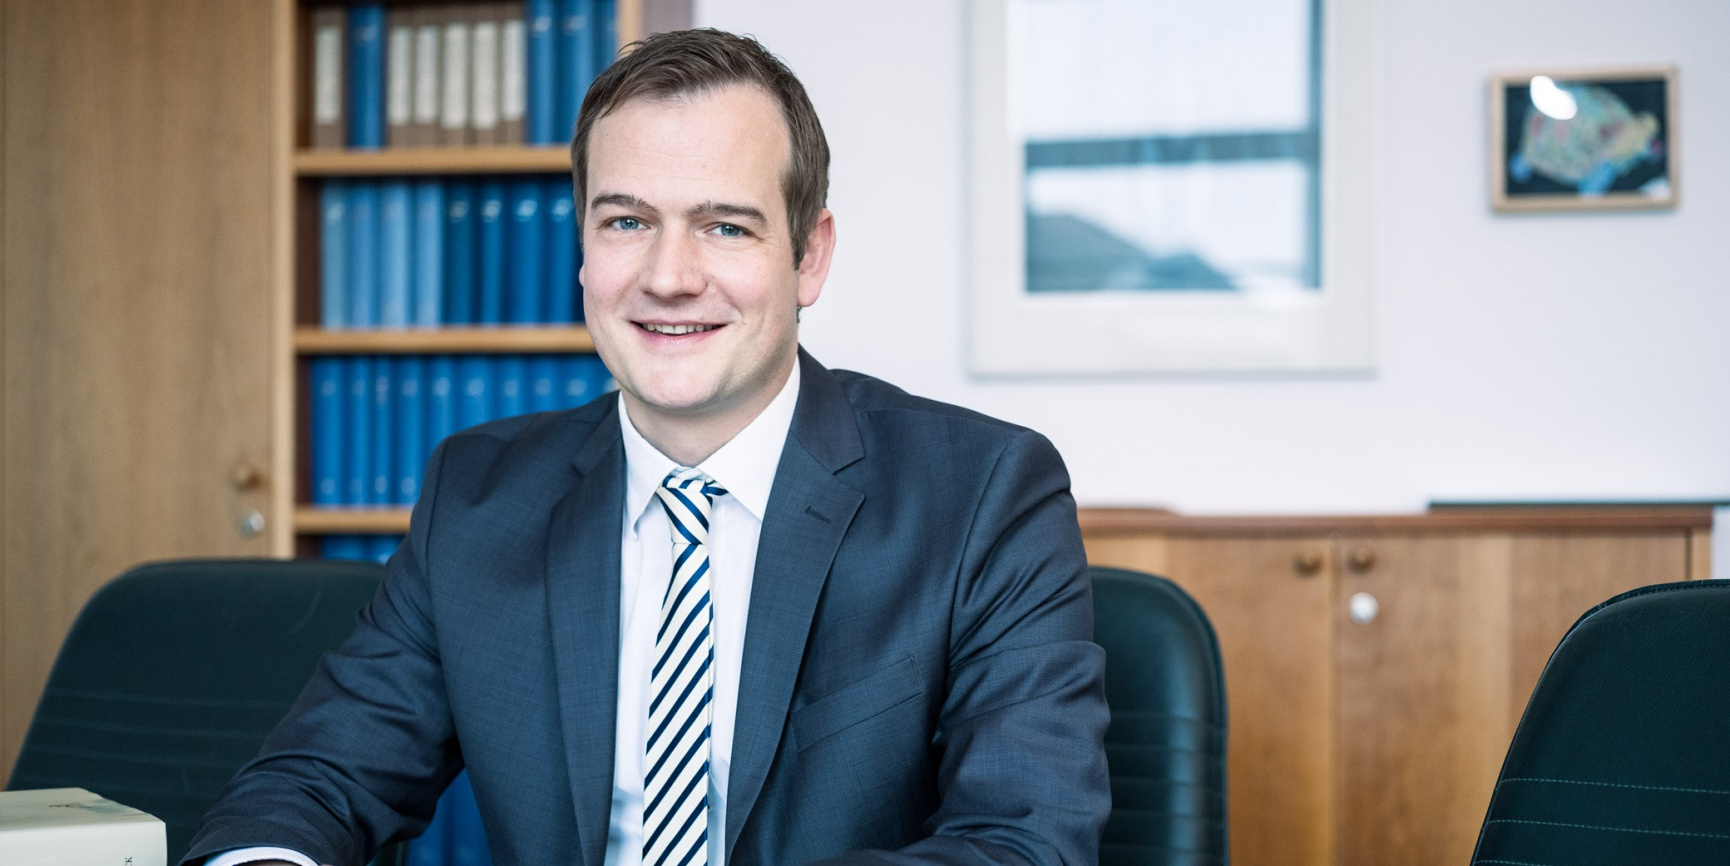 Rechtsanwalt Michael Granzow